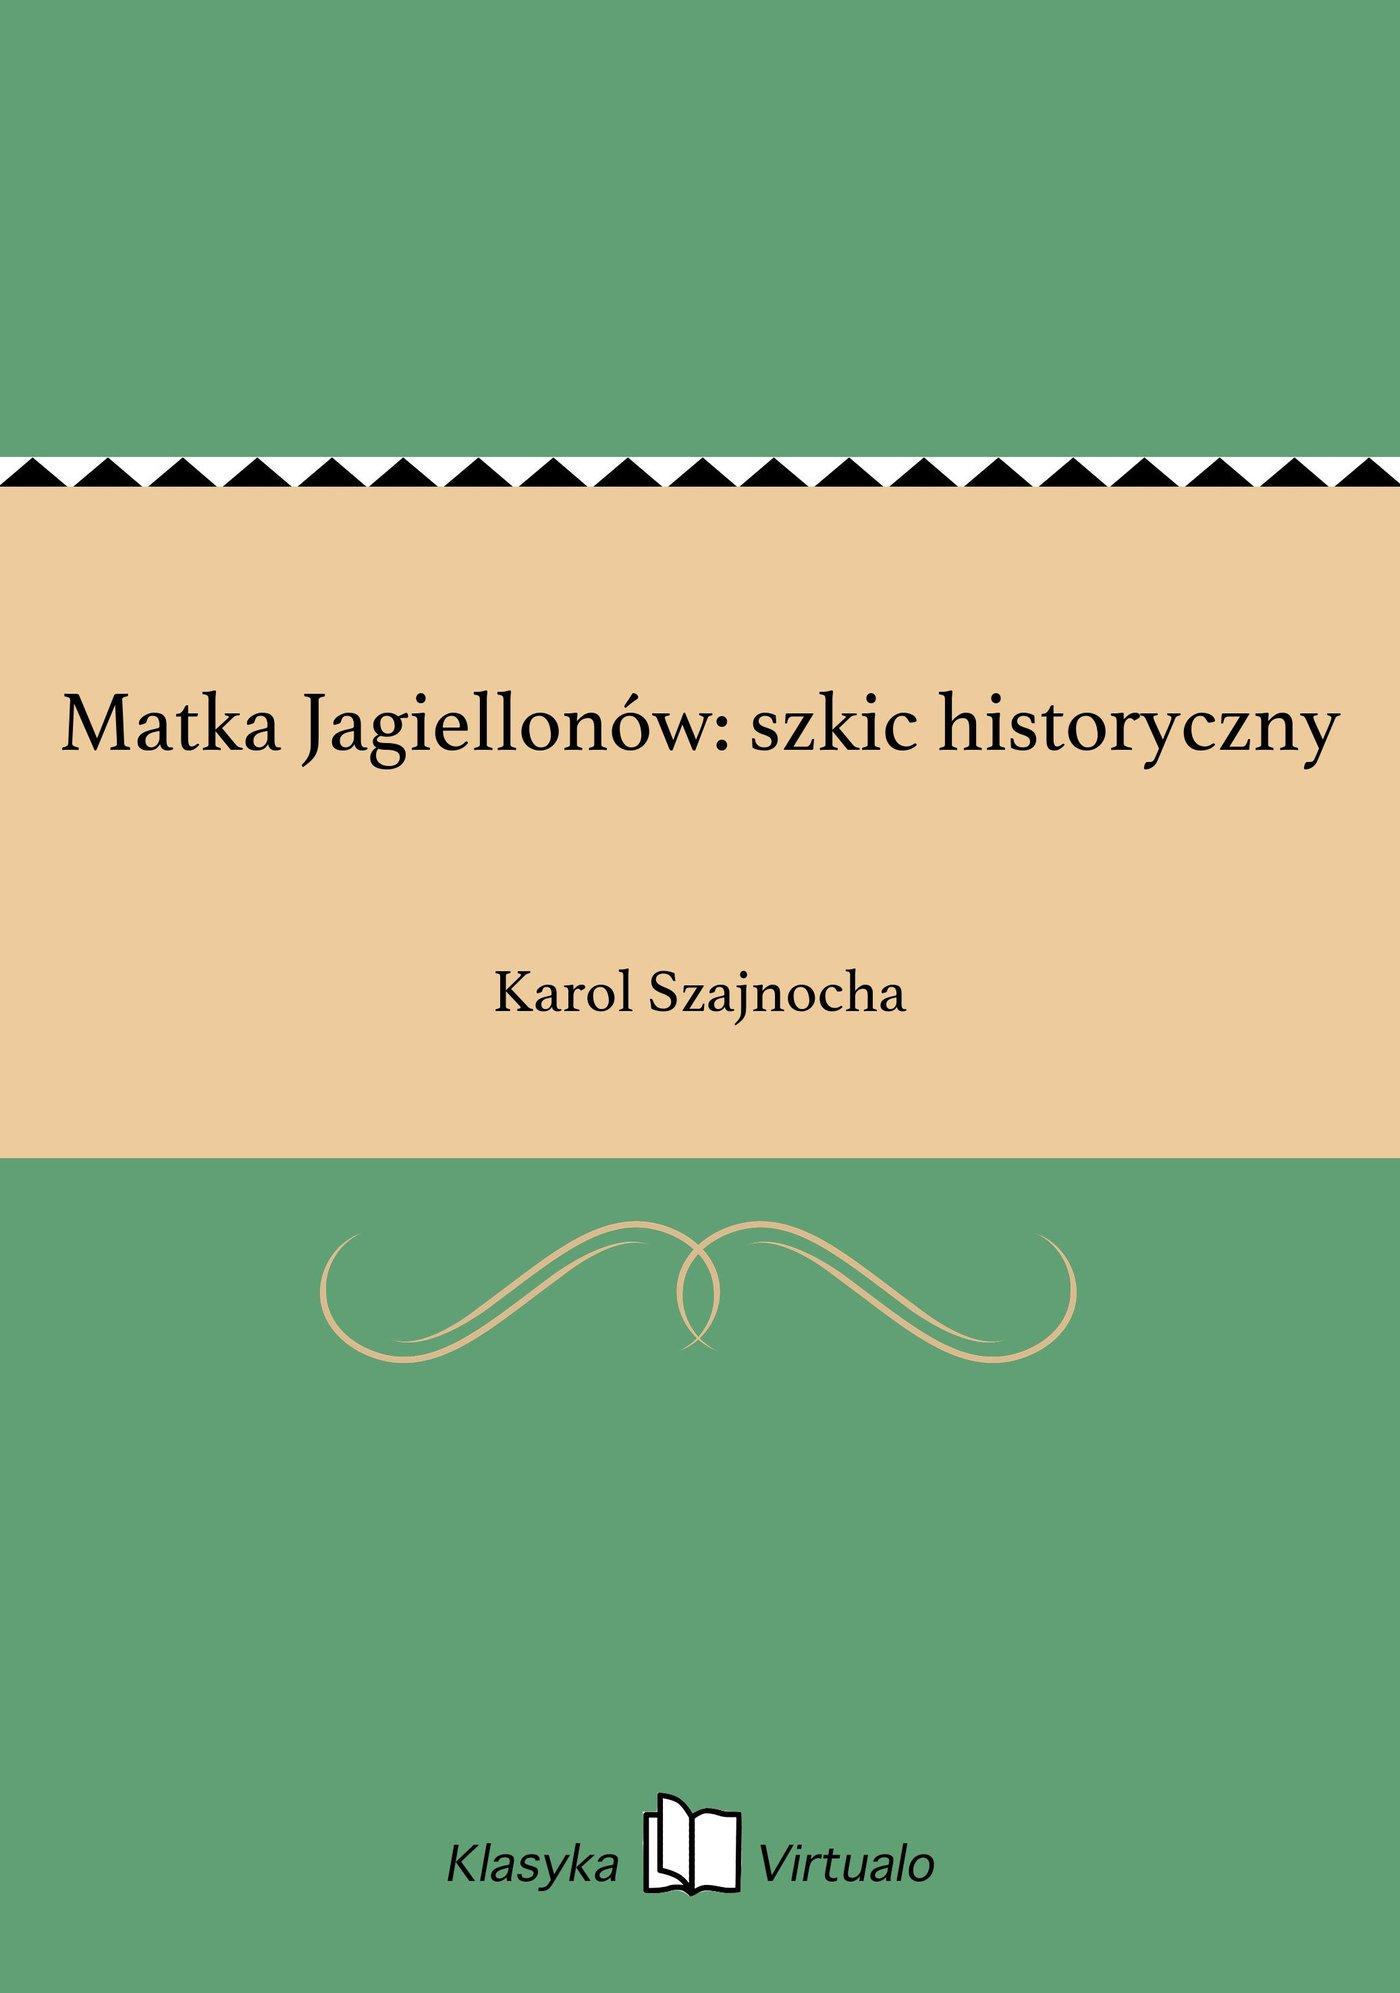 Matka Jagiellonów: szkic historyczny - Ebook (Książka na Kindle) do pobrania w formacie MOBI